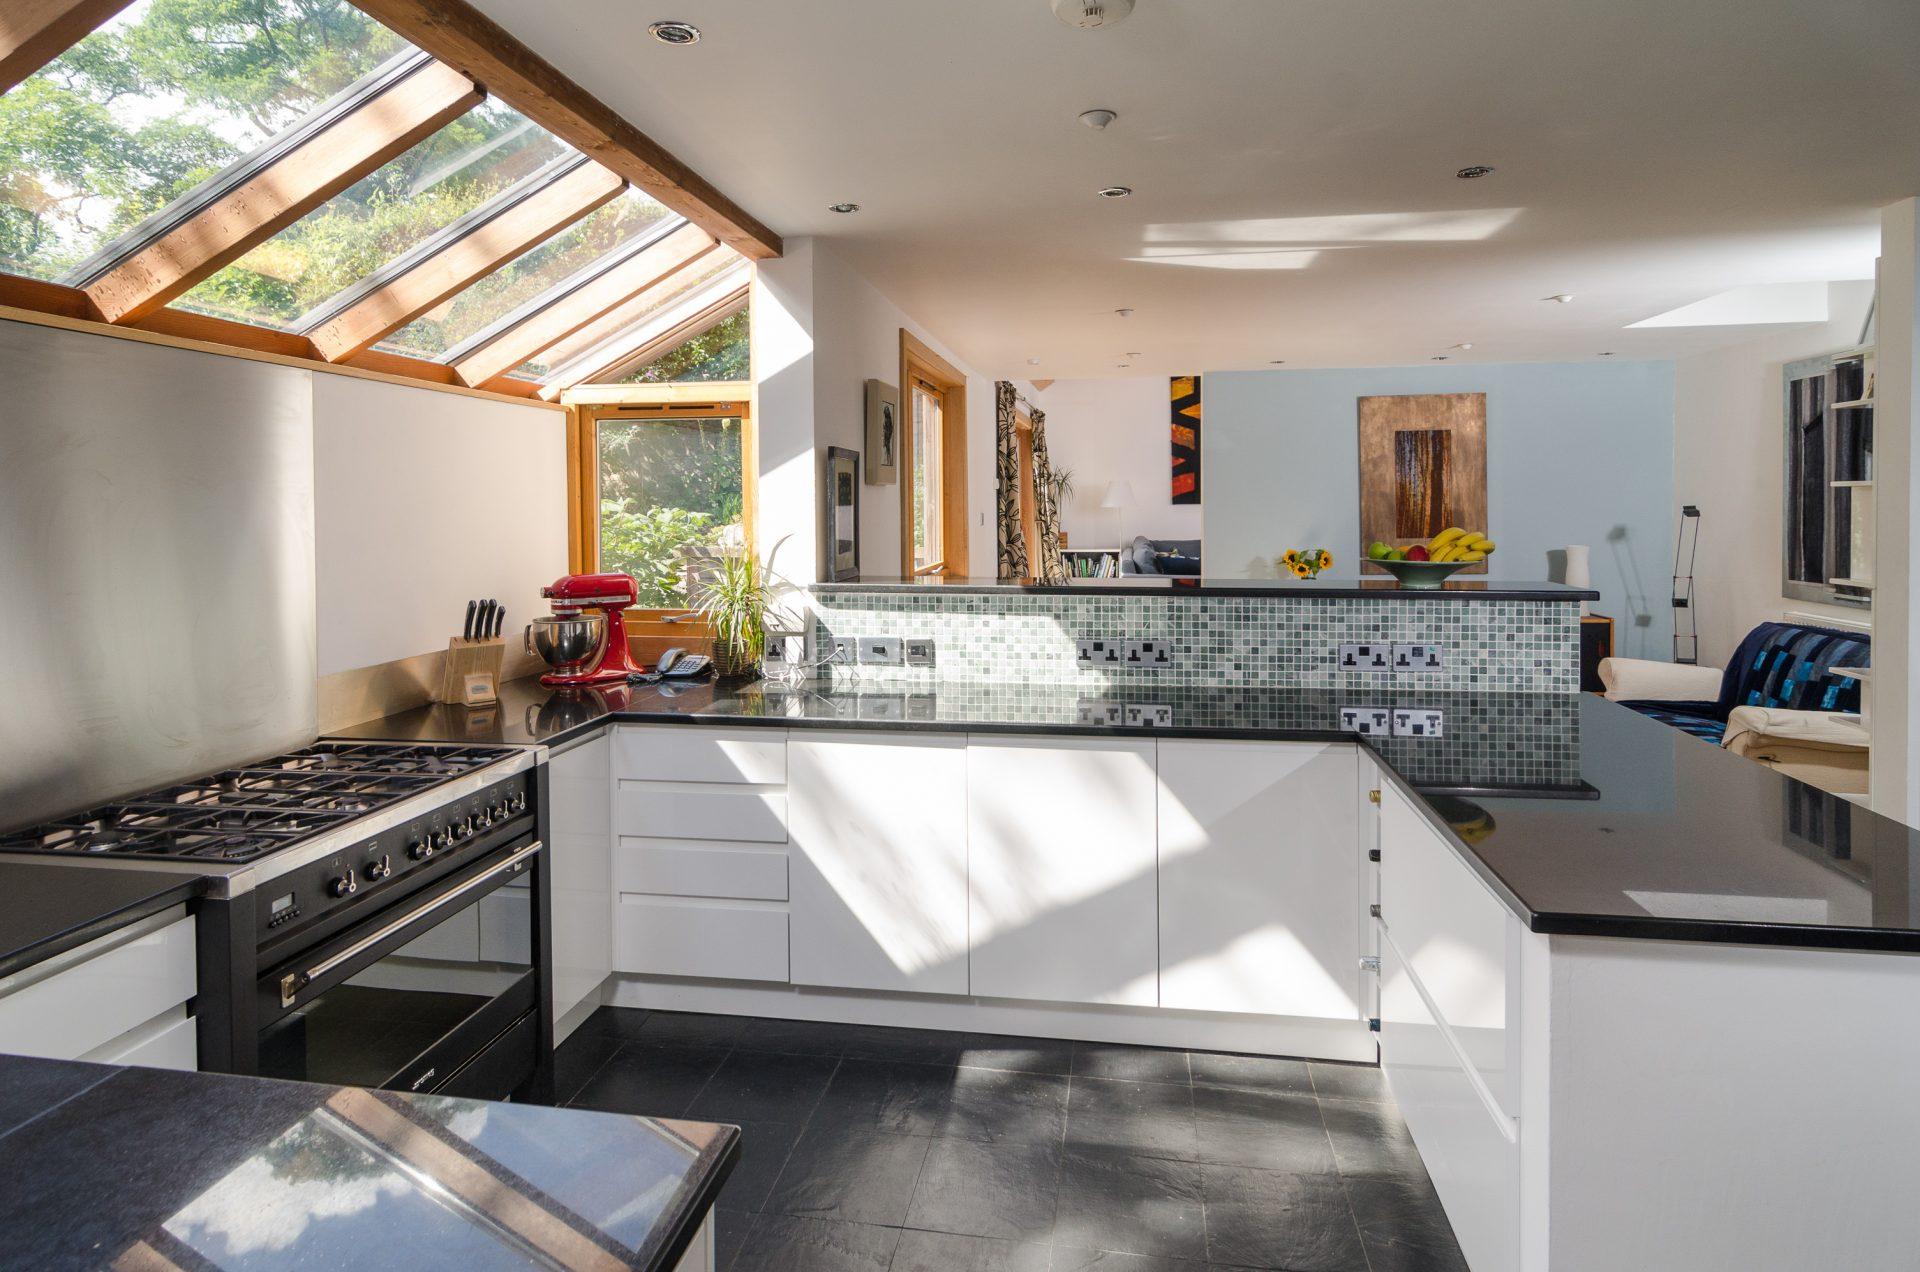 Sion Road Eco-Home Kitchen White Units